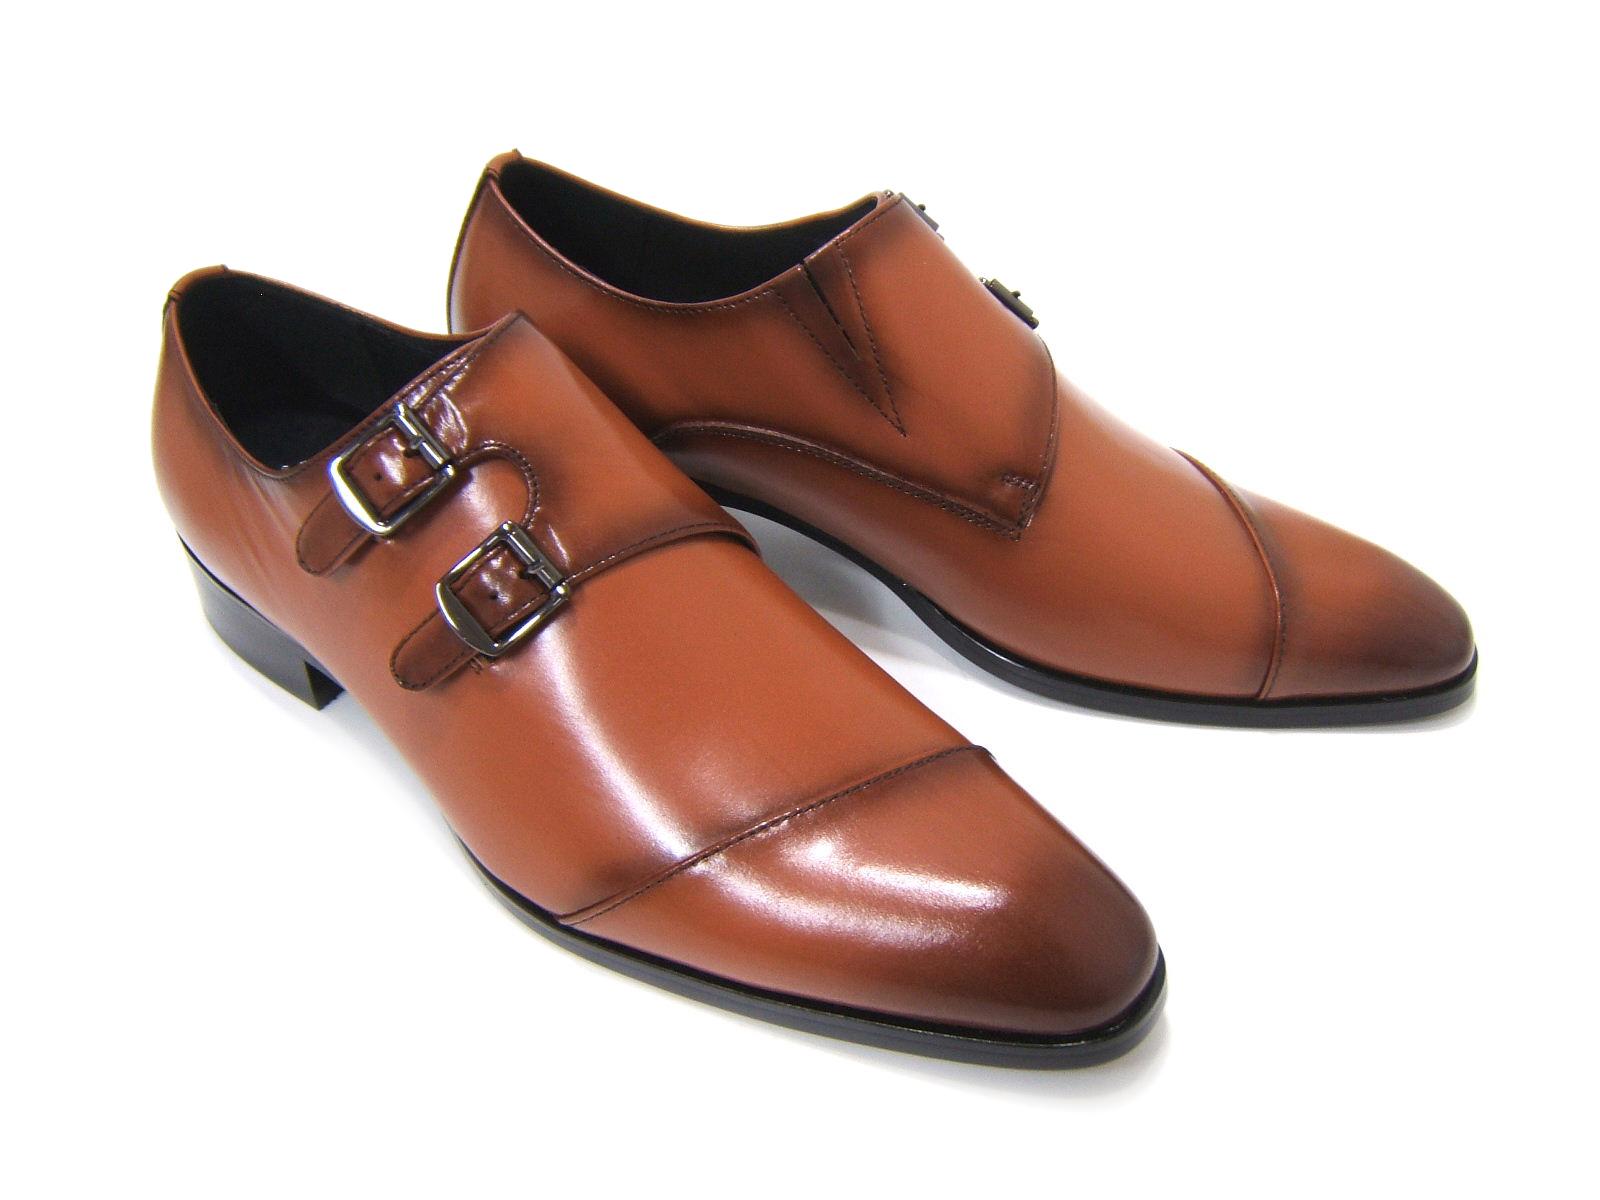 パーティーや結婚式♪艶やかで華がある足元を演出!フランコ ルッチ トラディショナル/FRANCO LUZ TRADITIONAL TH-57 キャメル 紳士靴 変形ストレートチップ モンクストラップ 送料無料